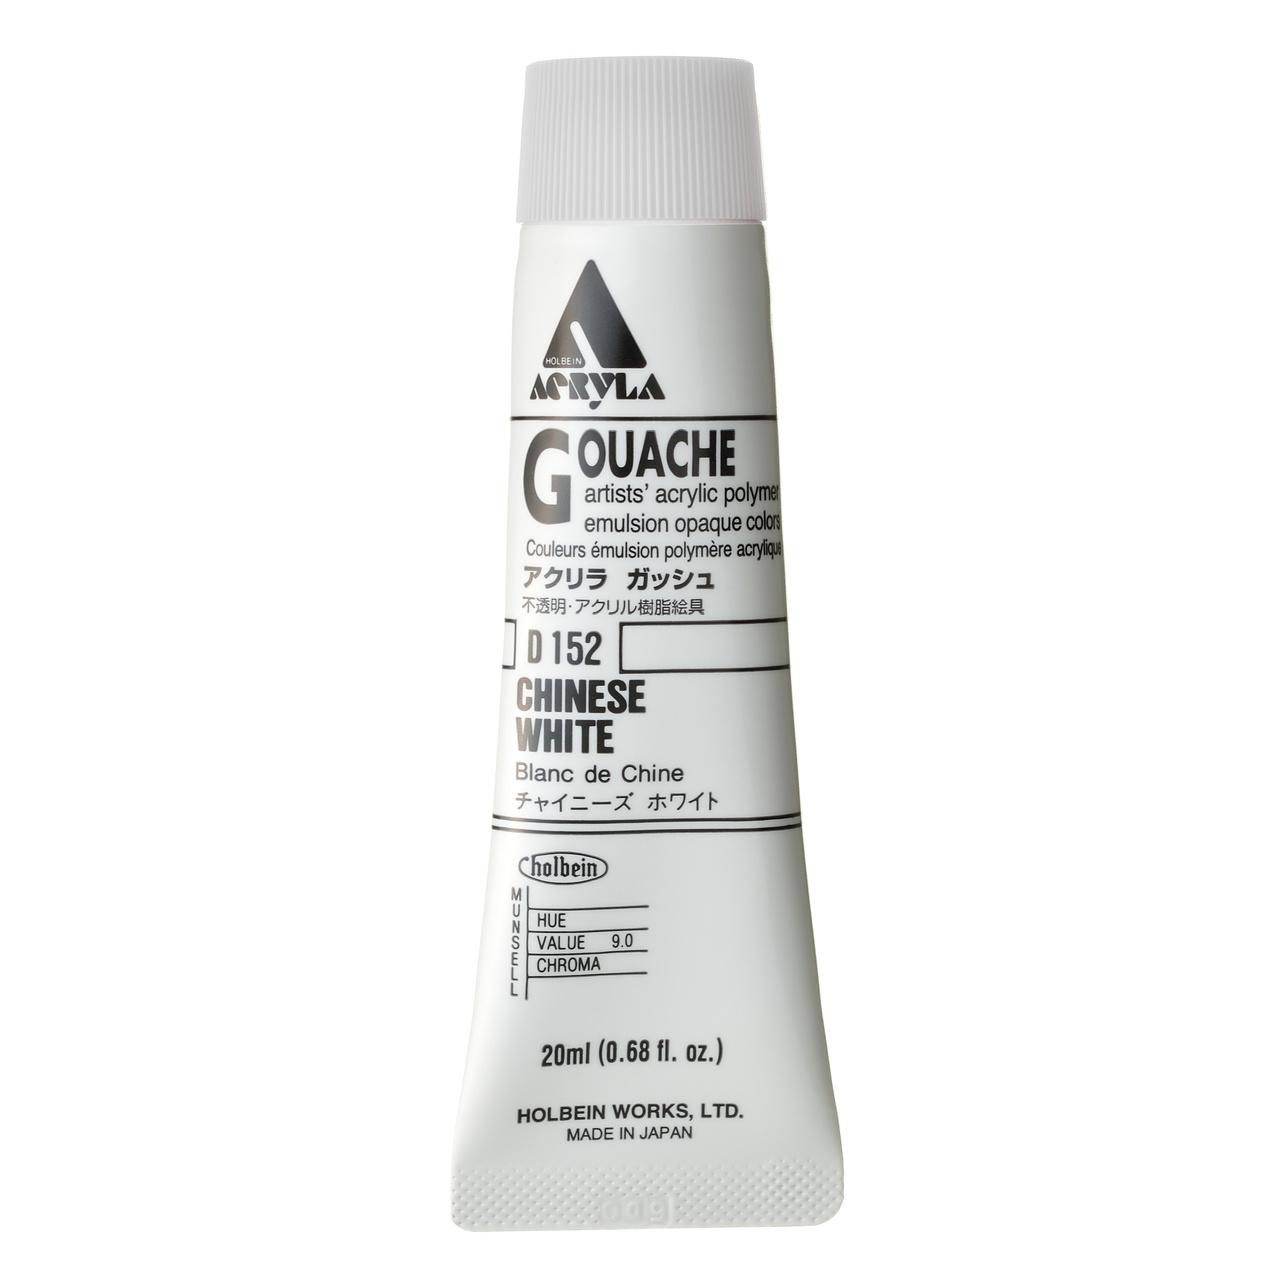 ACRYLA GOUACHE 20ML CHINESE WHITE